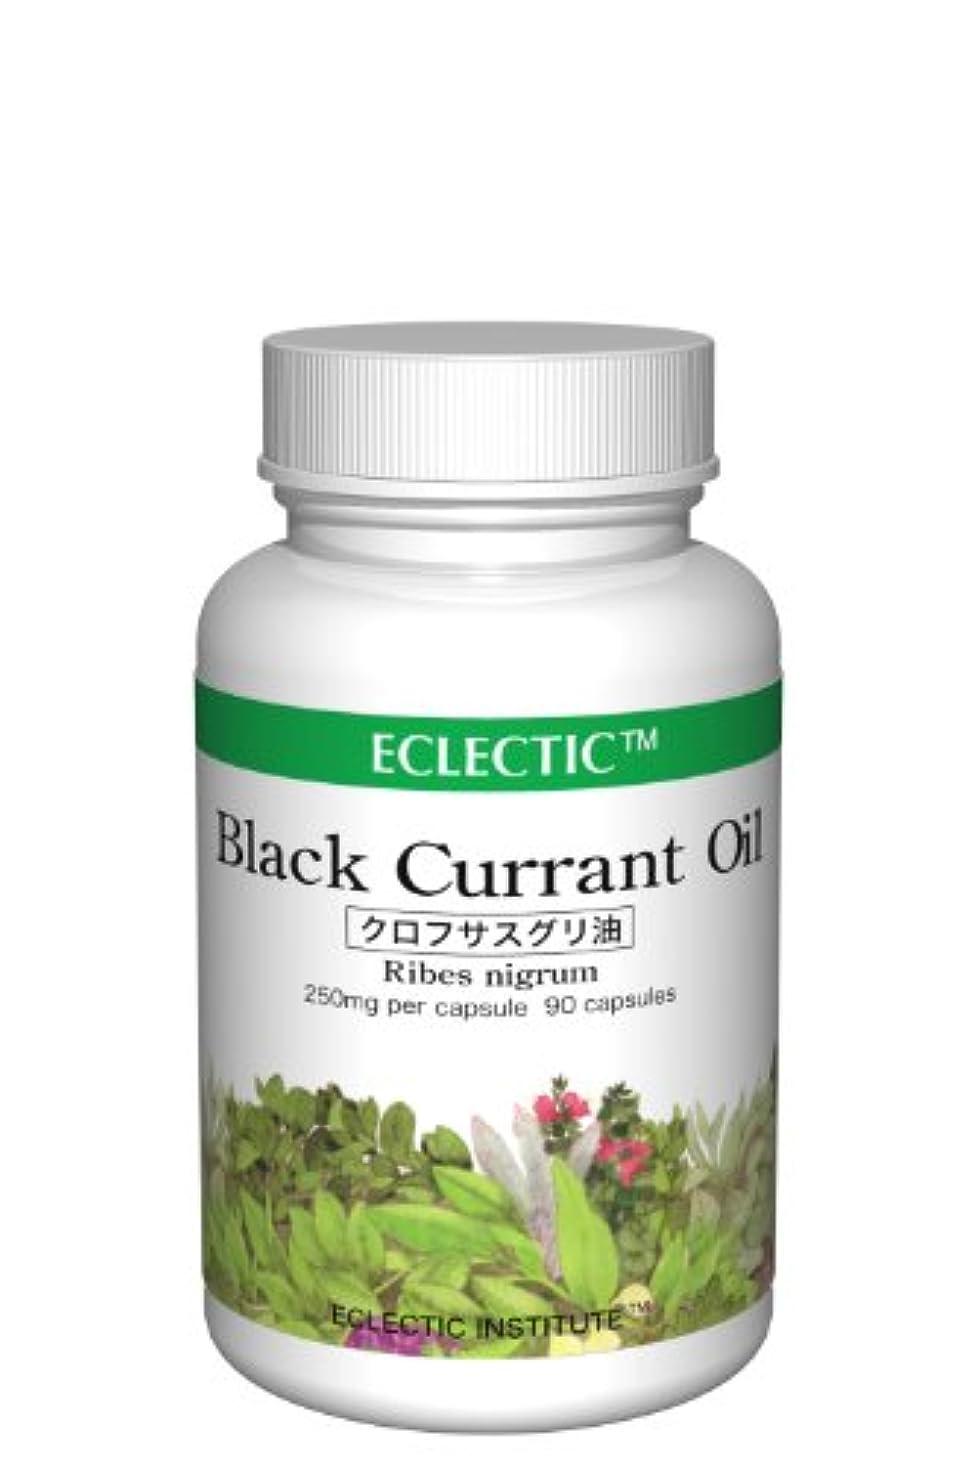 お世話になった戦争蒸発ECLECTIC エクレクティック クロフサスグリ油 Black Currant Oil オイル 250mg 90カプセル 新パッケージ